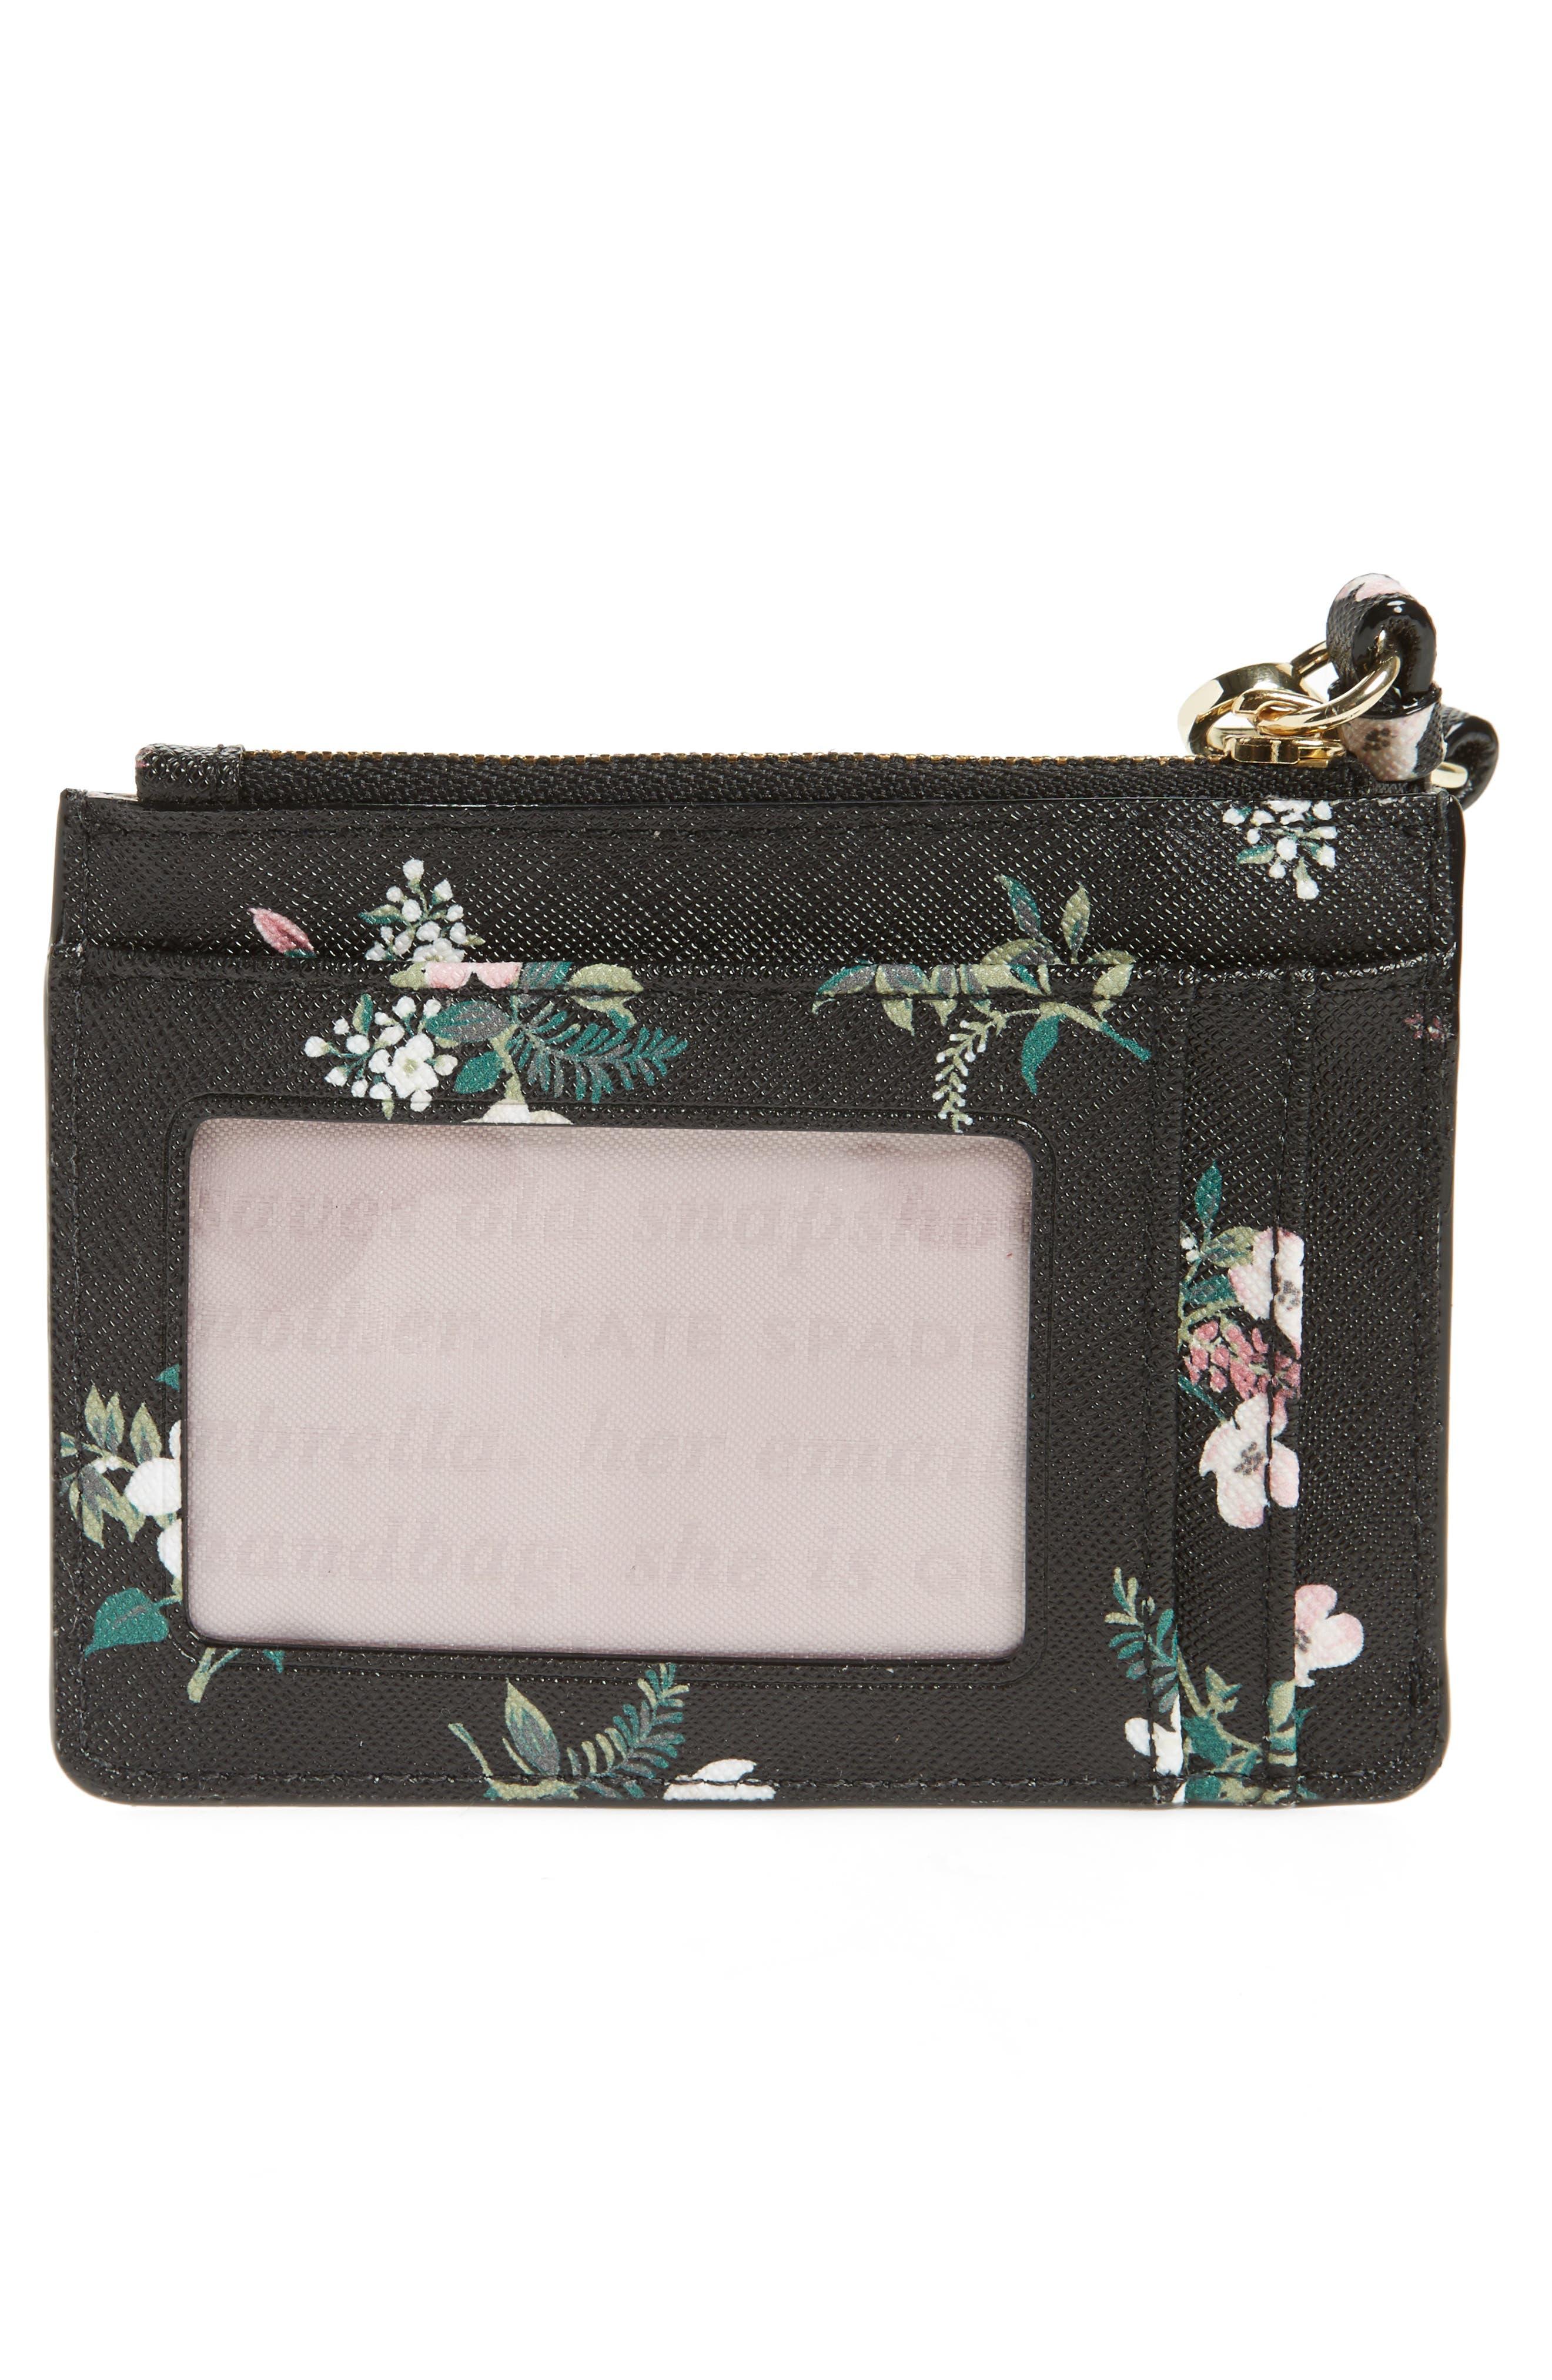 cameron street - flora mellody fabric card case,                             Alternate thumbnail 2, color,                             001